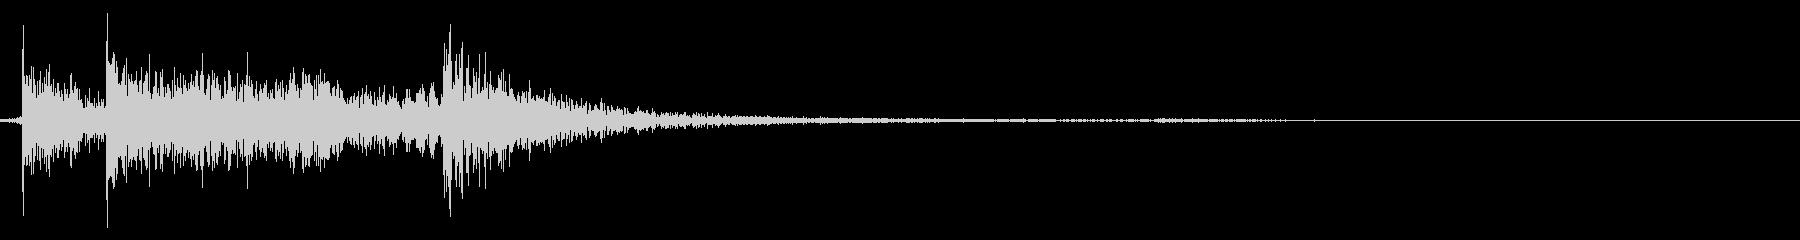 決定/ボタン押下音(カイッ)の未再生の波形